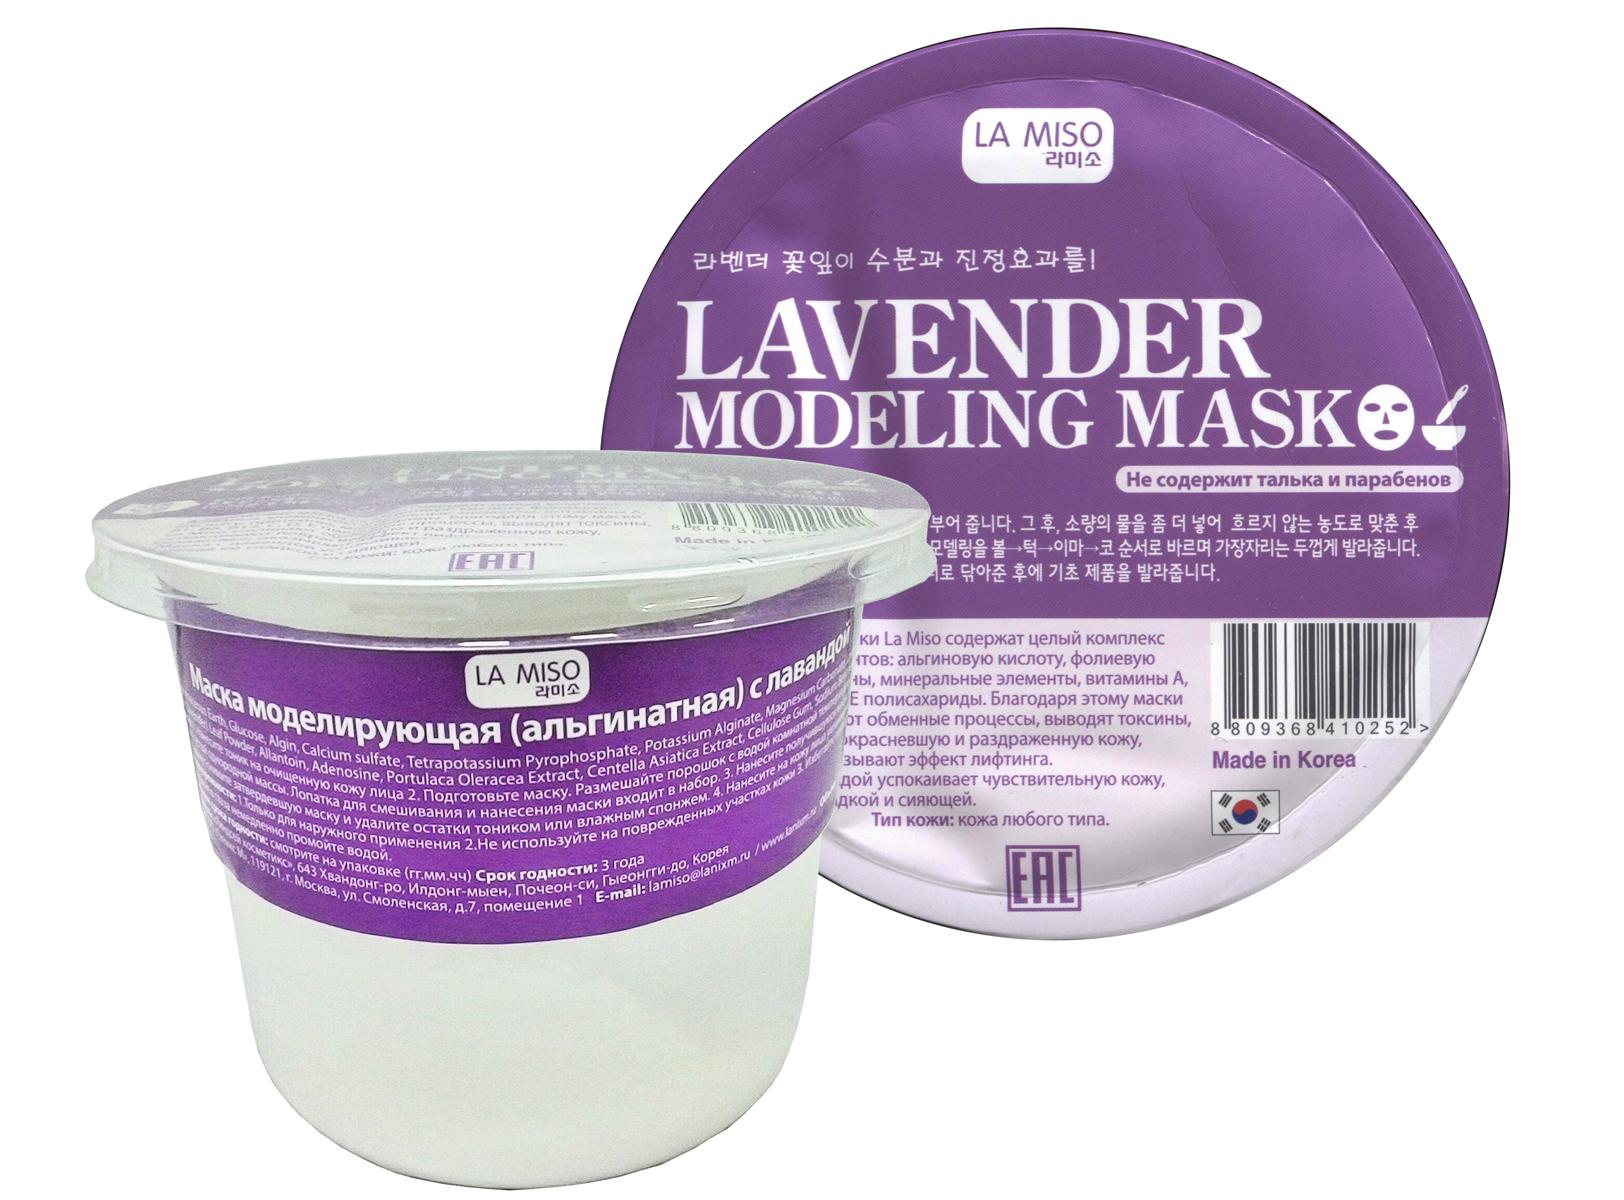 La Miso Маска моделирующая, альгинатная с лавандой, 28 г8809368410252Альгинатные маски La Miso содержат целый комплекс полезных элементов: альгиновую кислоту, фолиевую кислоту, протеины, минеральные элементы, витамины A, B1, B6, B12, C, D, E полисахариды. Благодаря этому маски La Miso улучшают обменные процессы, выводят токсины, успокаивают покрасневшую и раздраженную кожу, увлажняют, оказывают эффект лифтинг